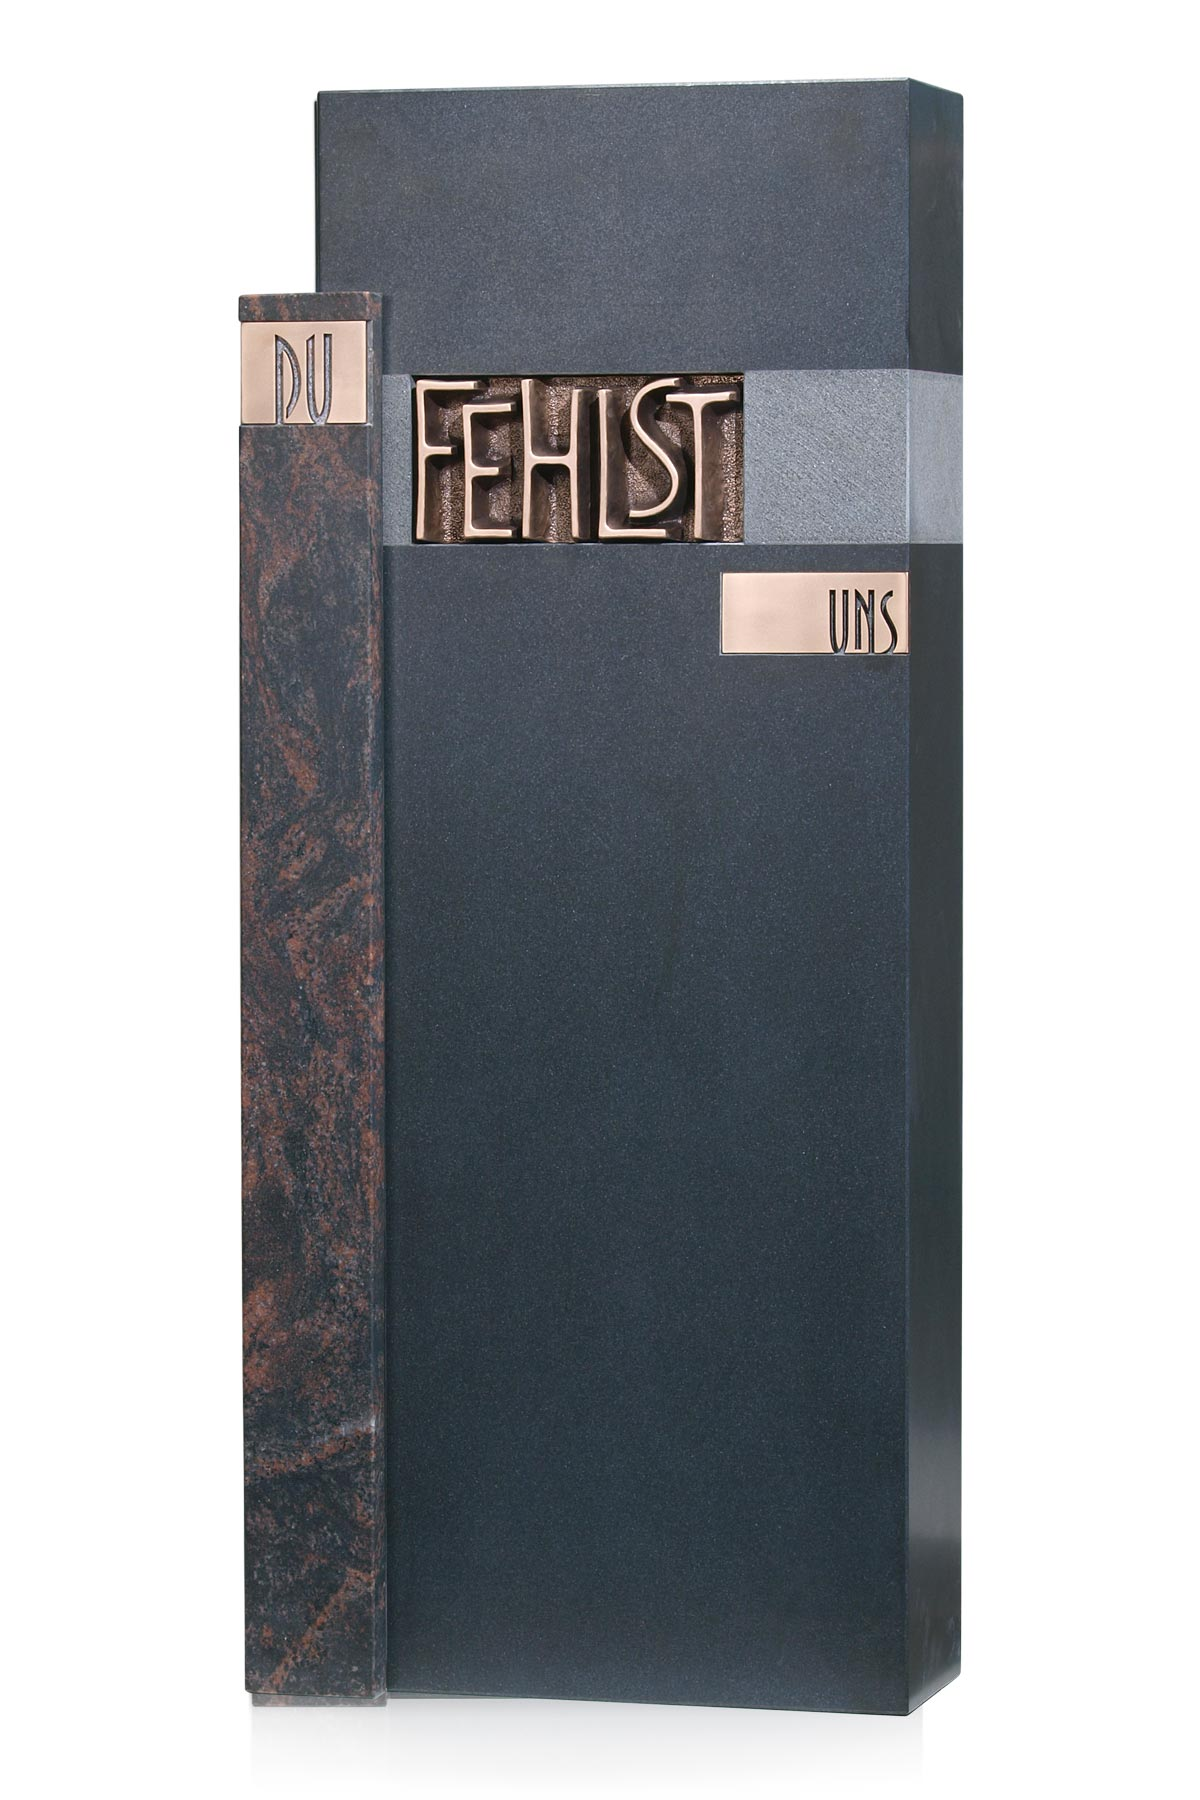 E125 Edition Du Fehlst